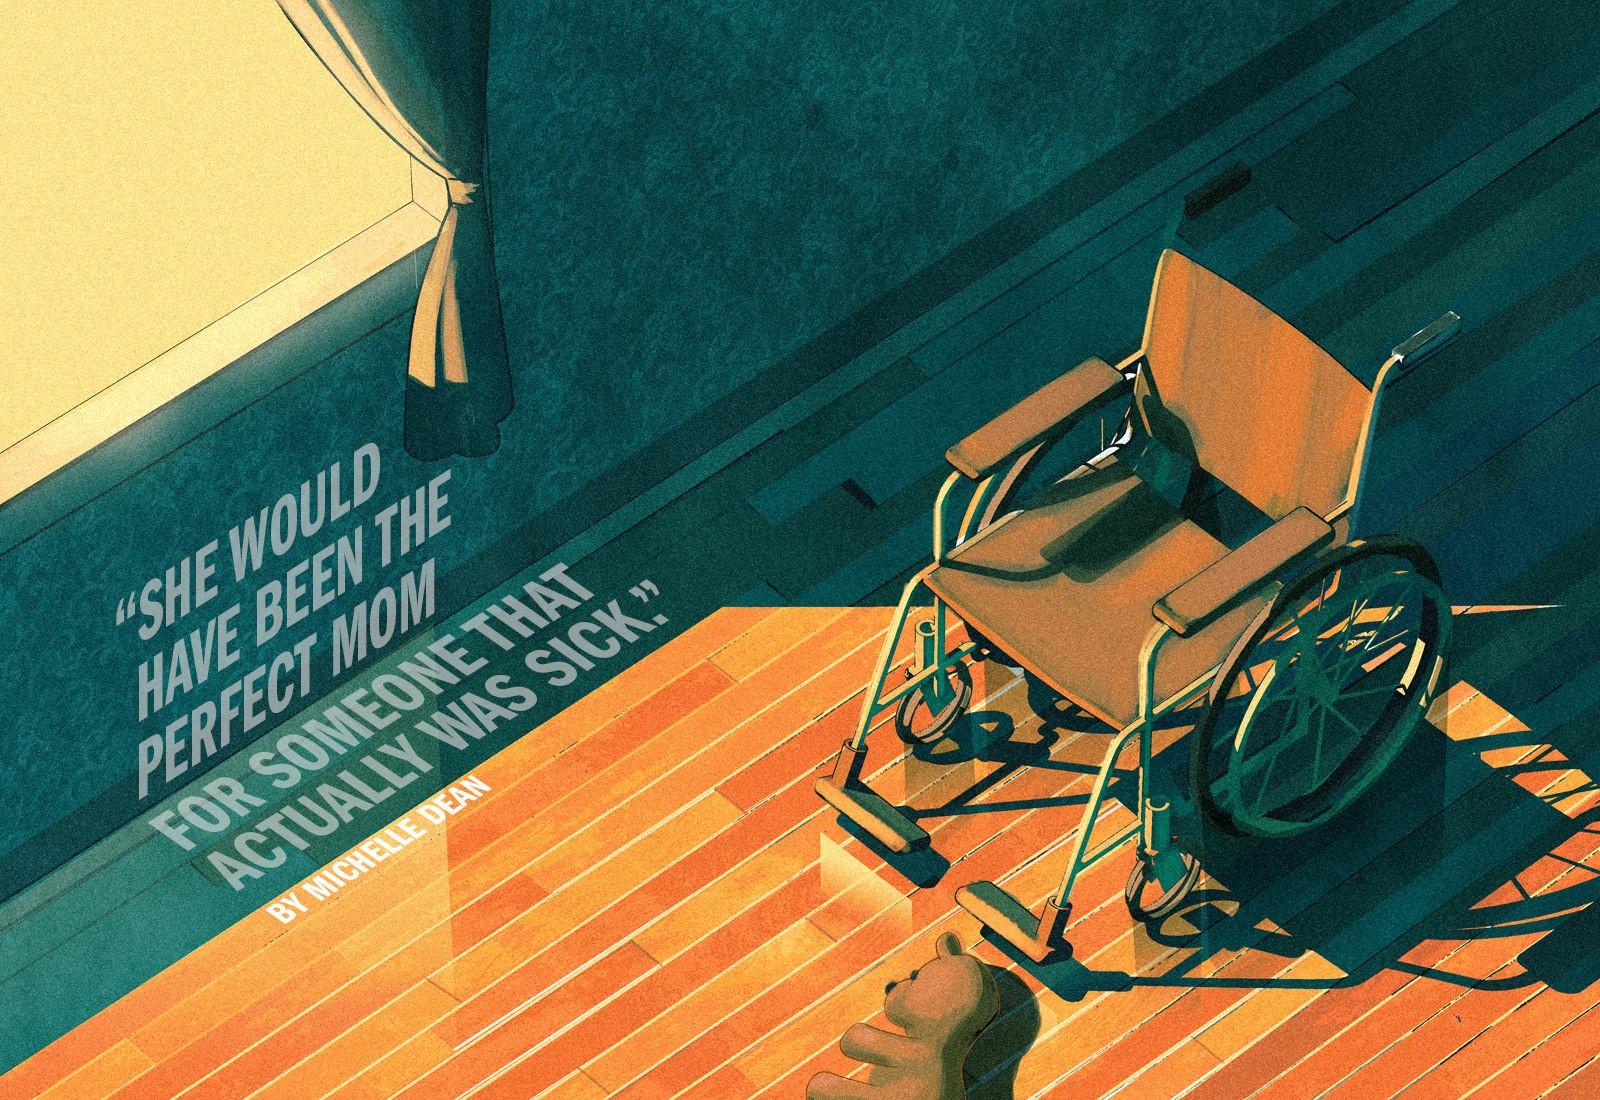 Stranger Than Fiction - Magazine cover